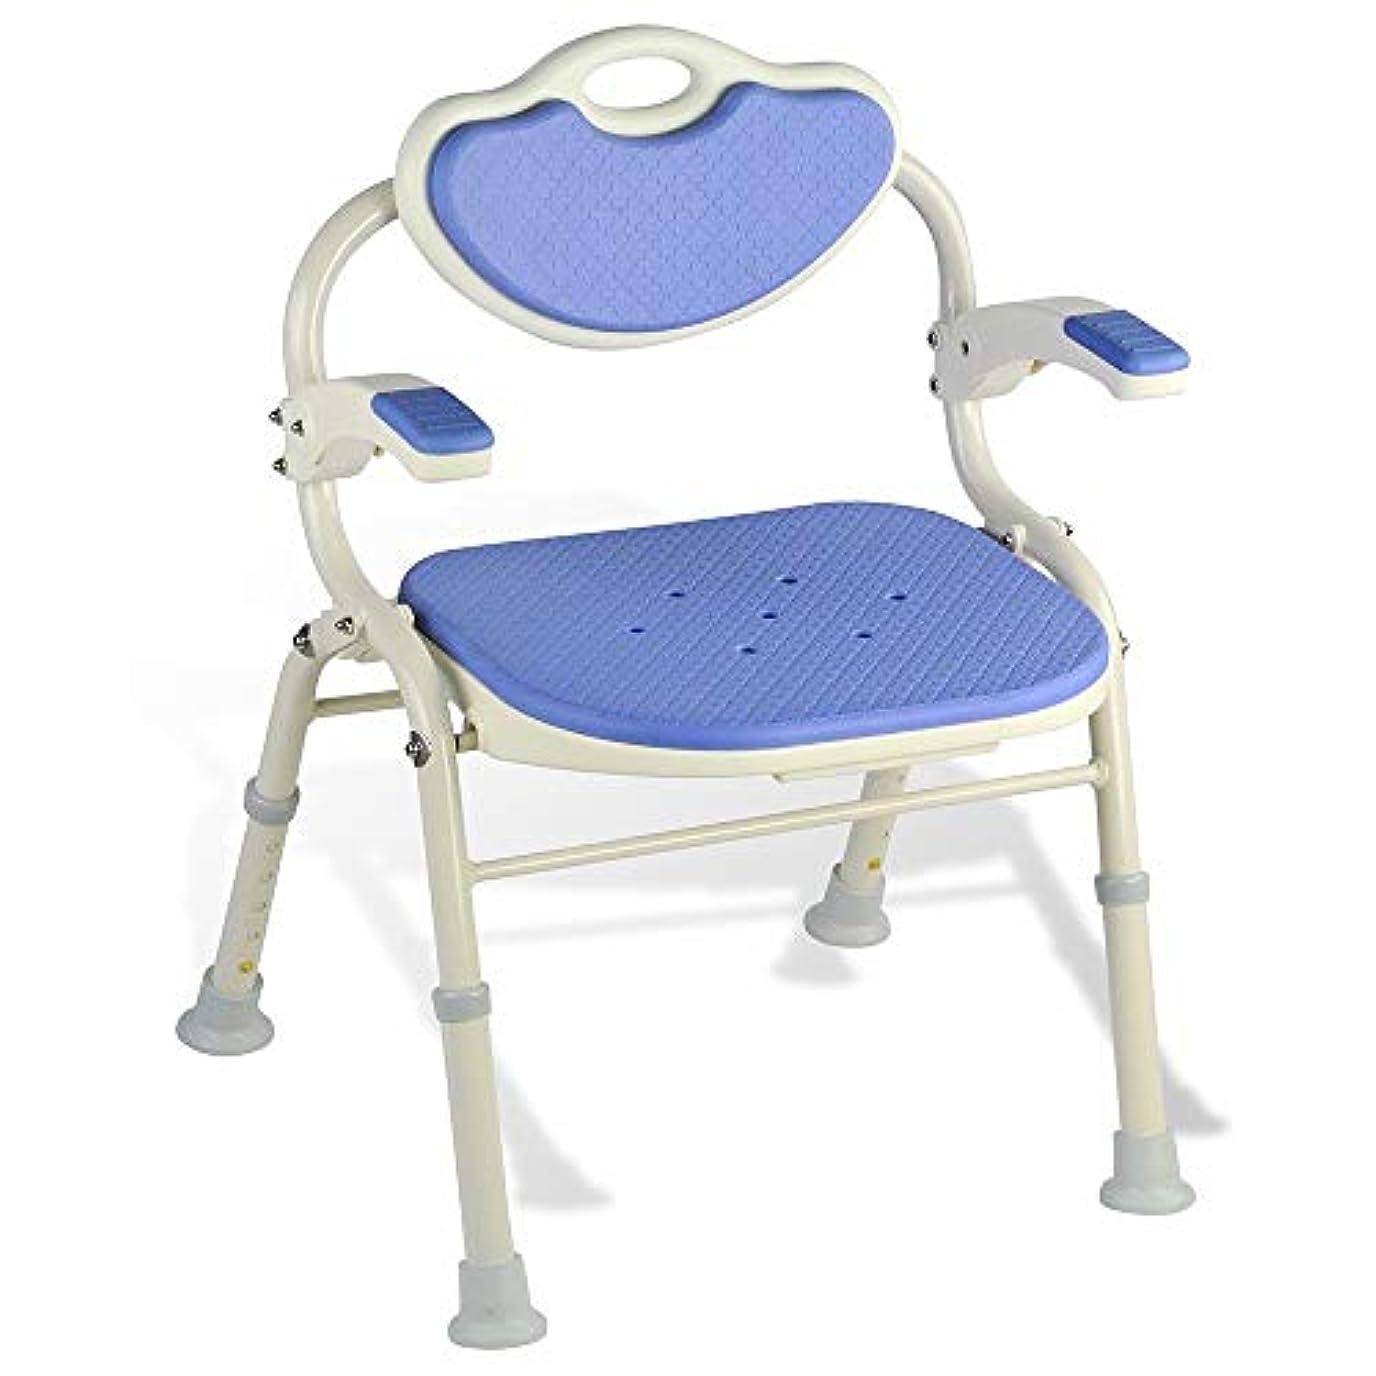 検索アダルトケープ折り畳み式の入浴椅子、背もたれスツールの高さ回転可能な手すりと滑り止めフットパッドシャワースツール付きの調節可能なバススツール (Color : 青)